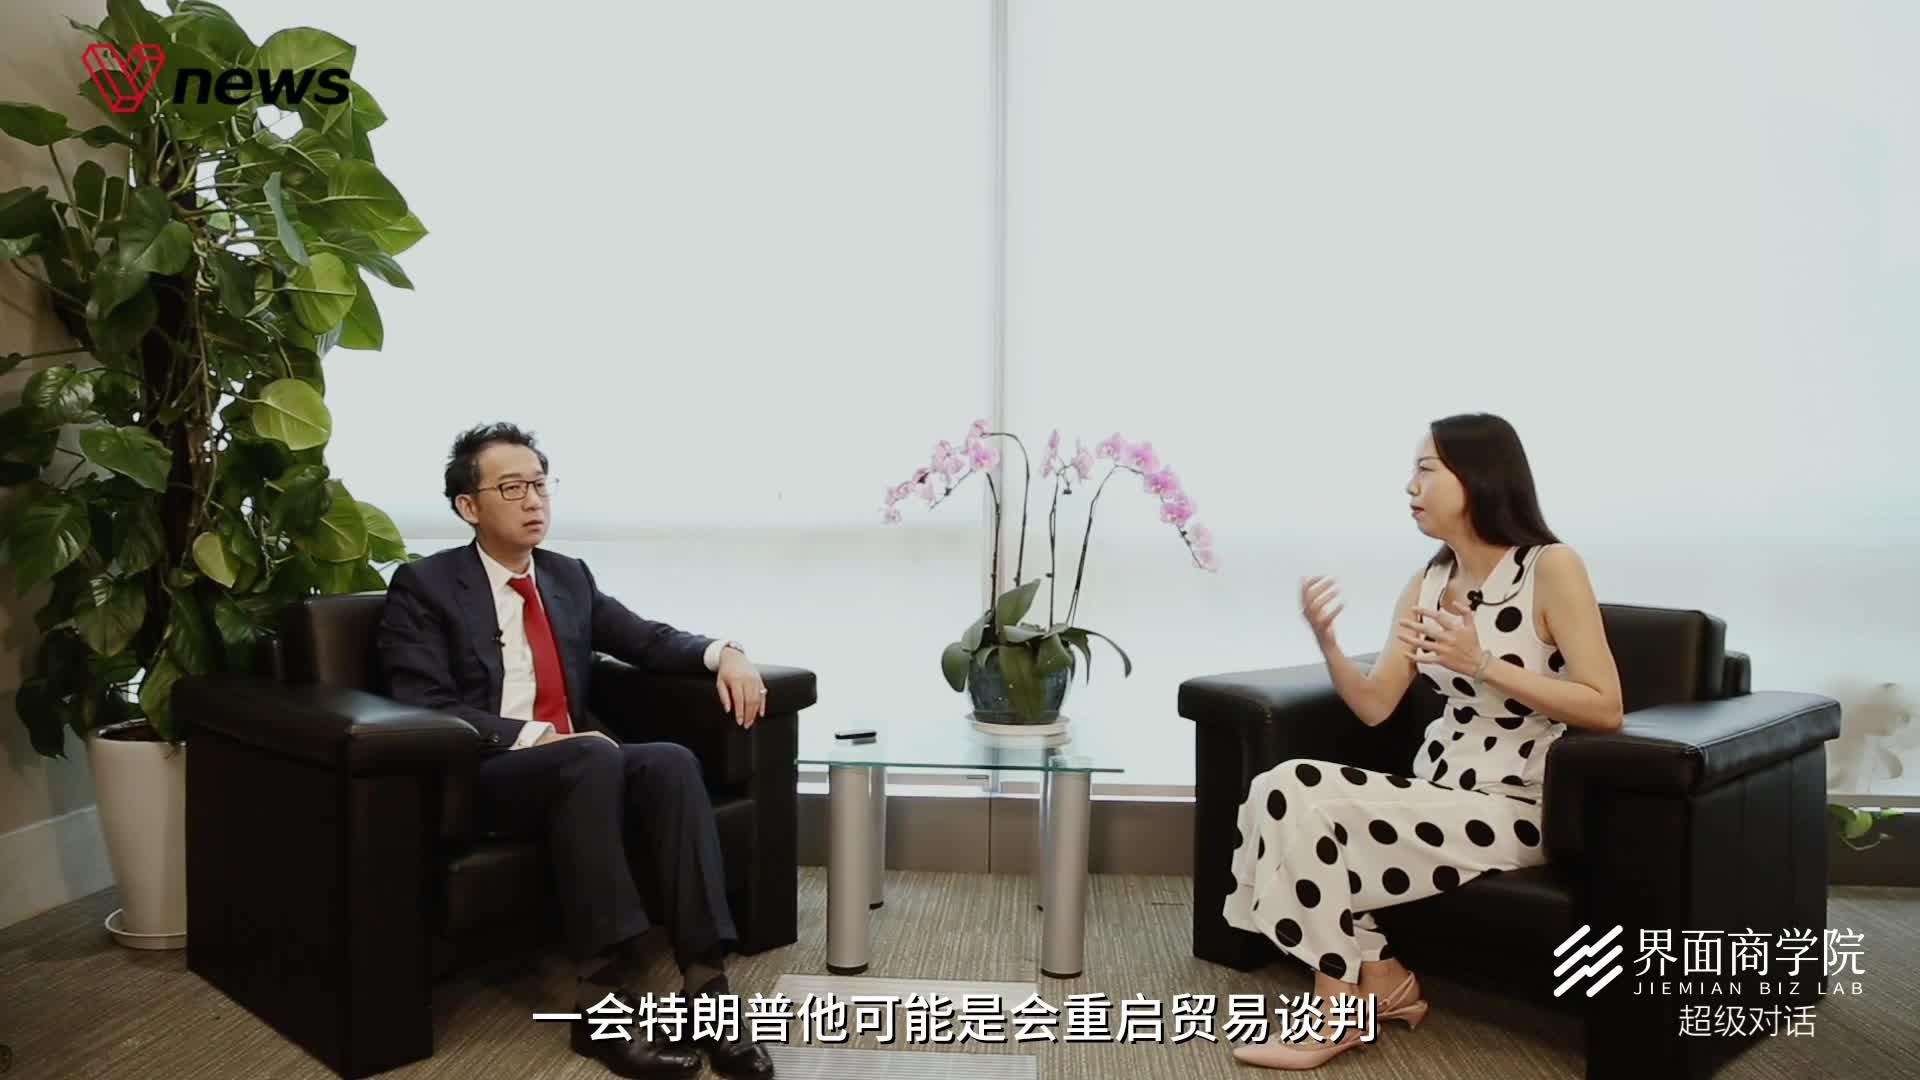 【超级对话】经济学家洪灝:经济周期不是闹钟,到点就能自动响